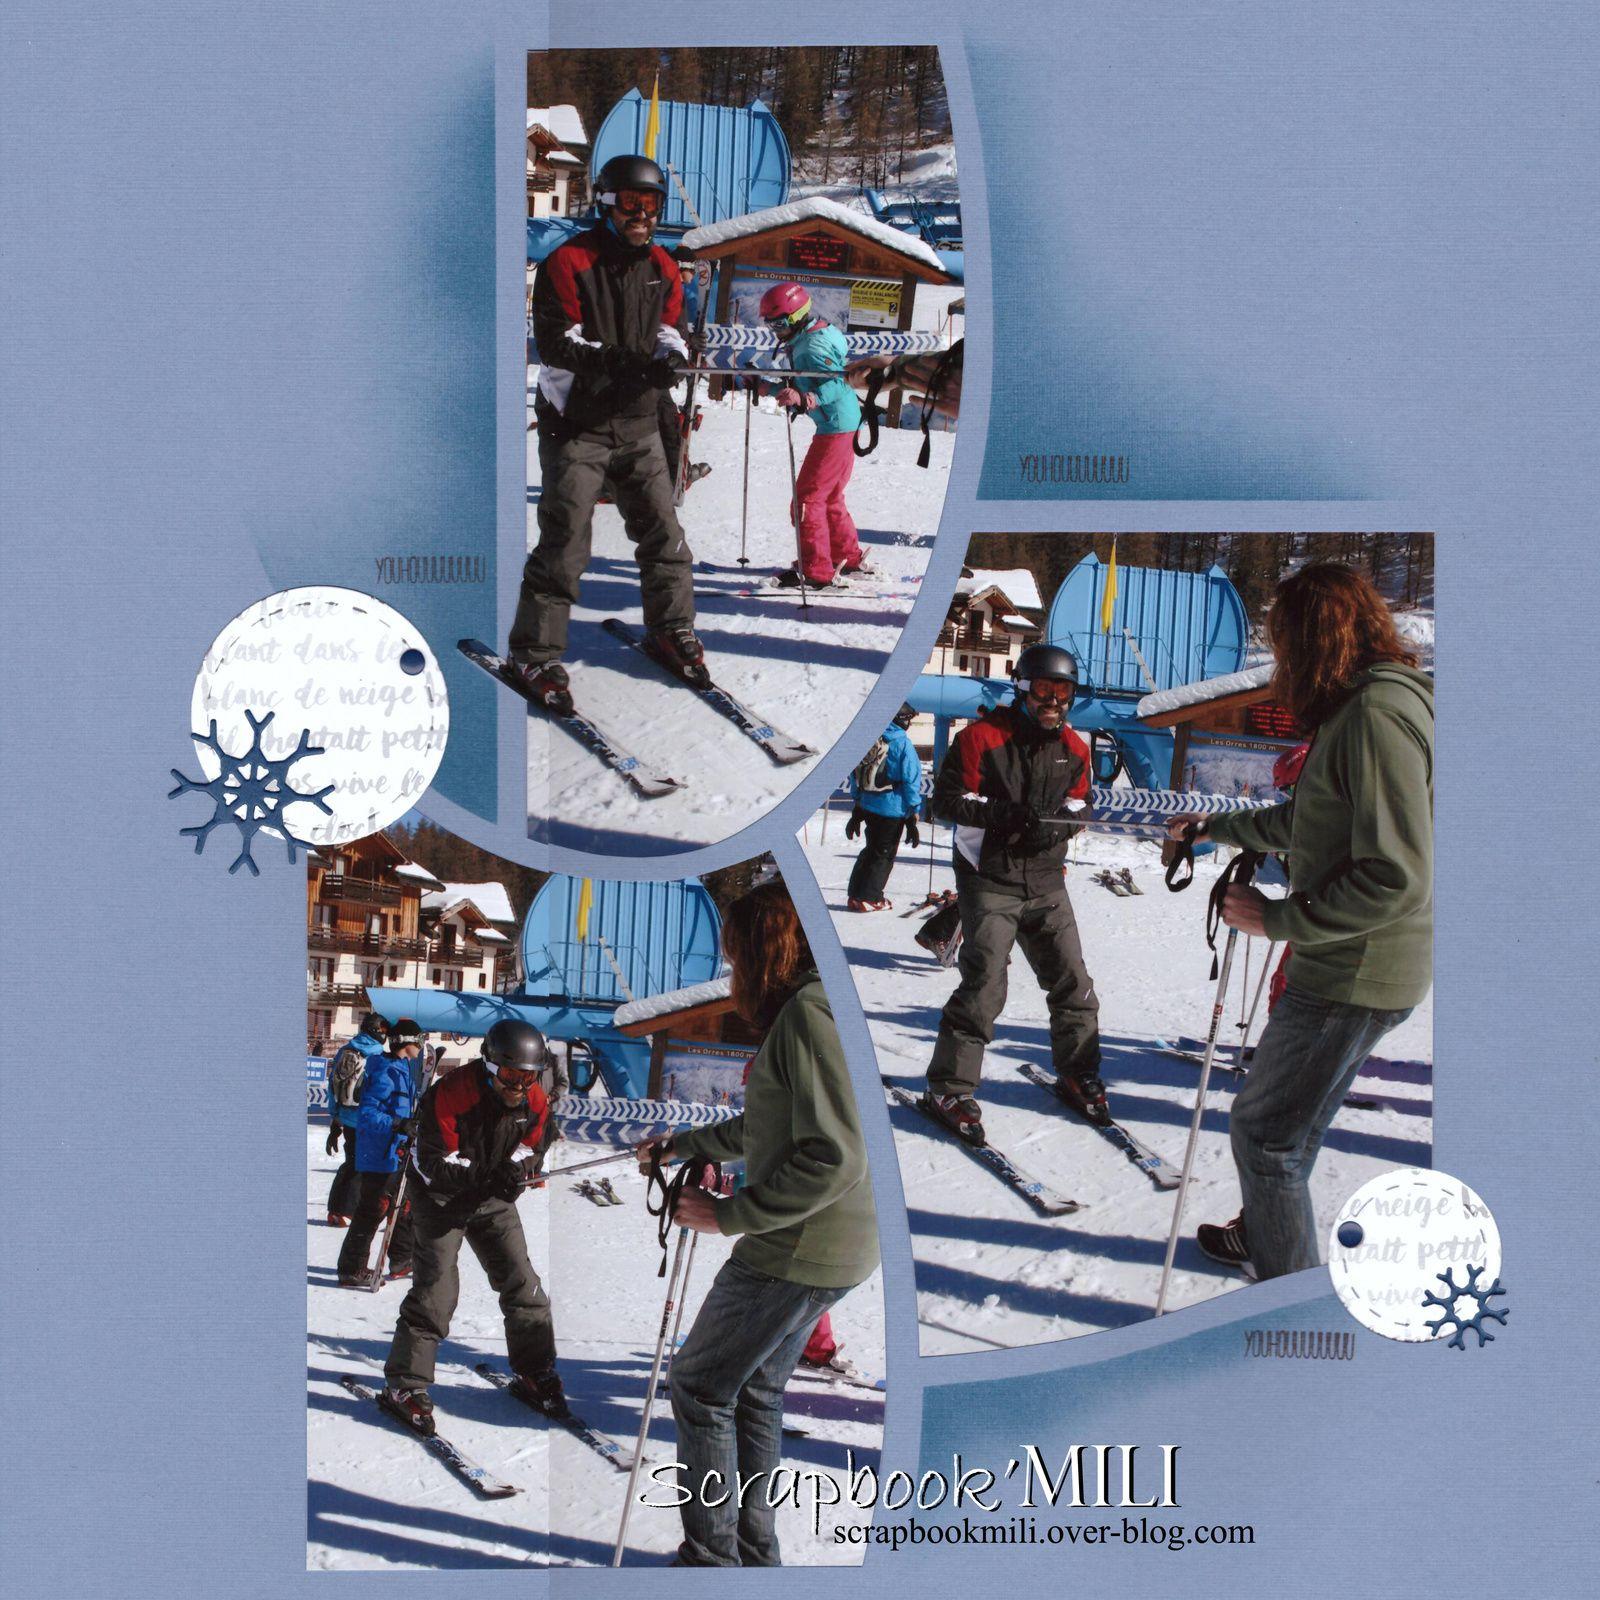 Scrapbook'Mili-Azza Shamallow